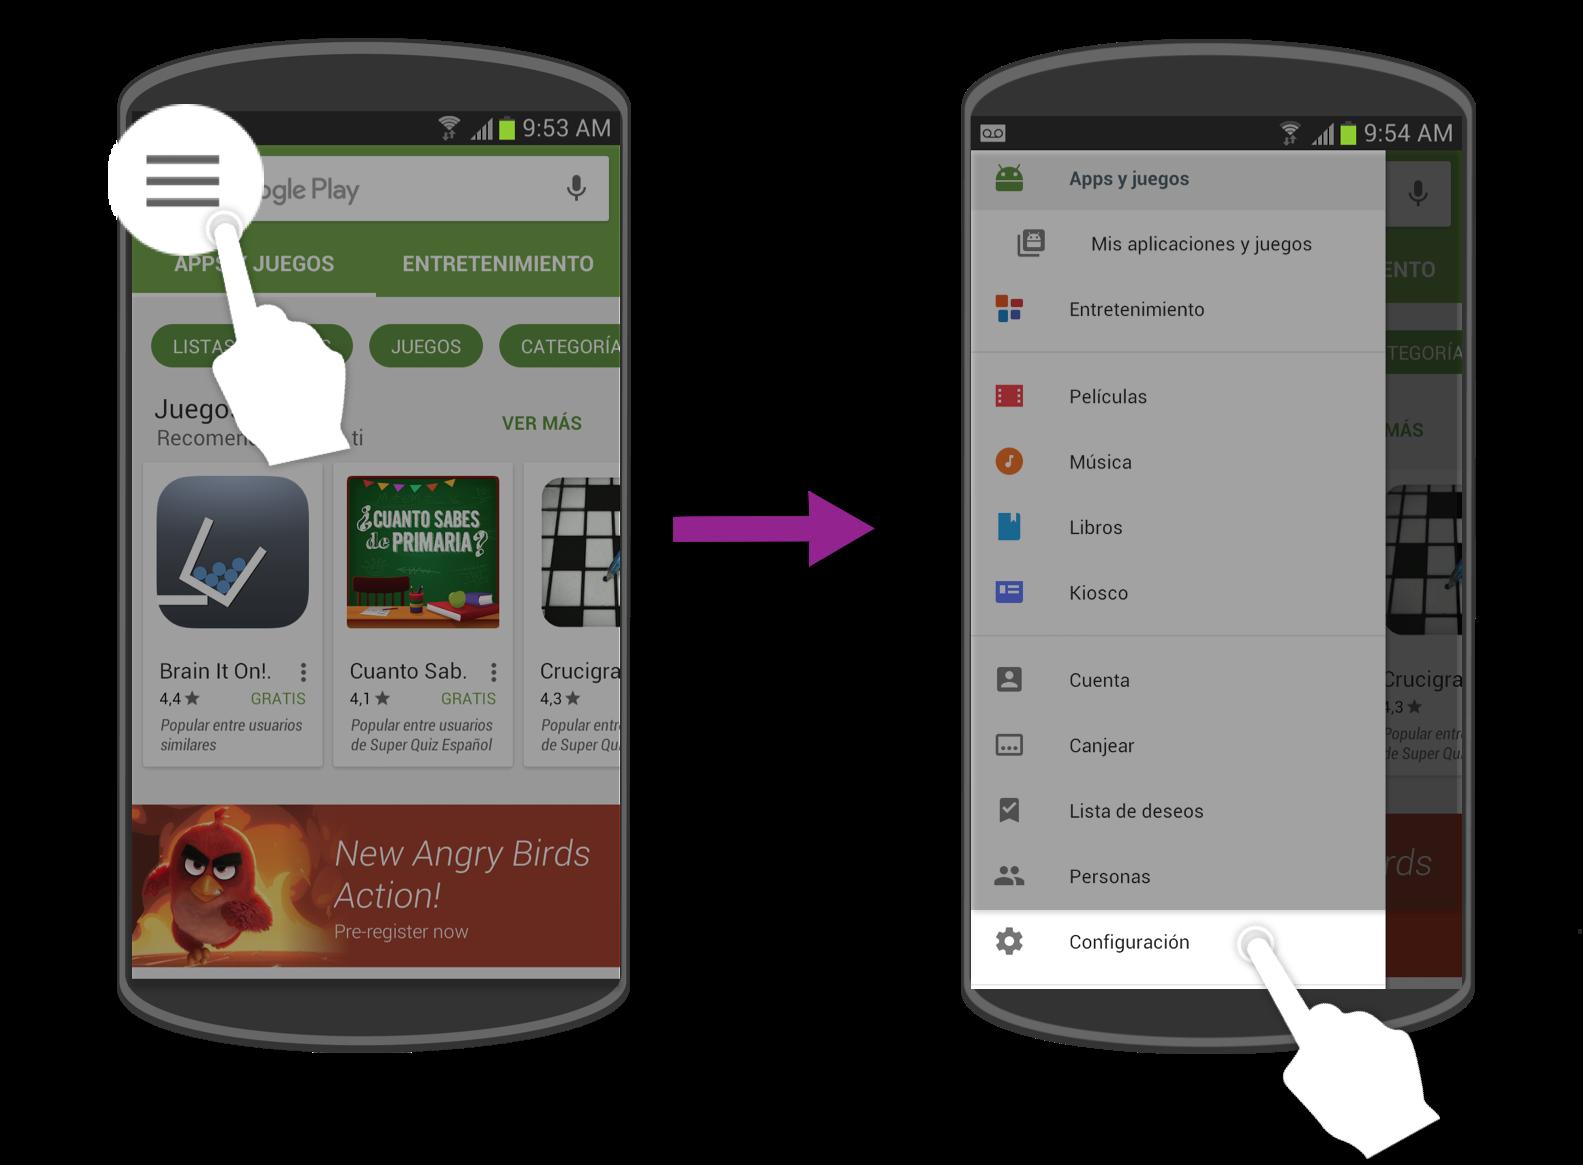 Accede a configuración de la Play Store para activar el control parental.